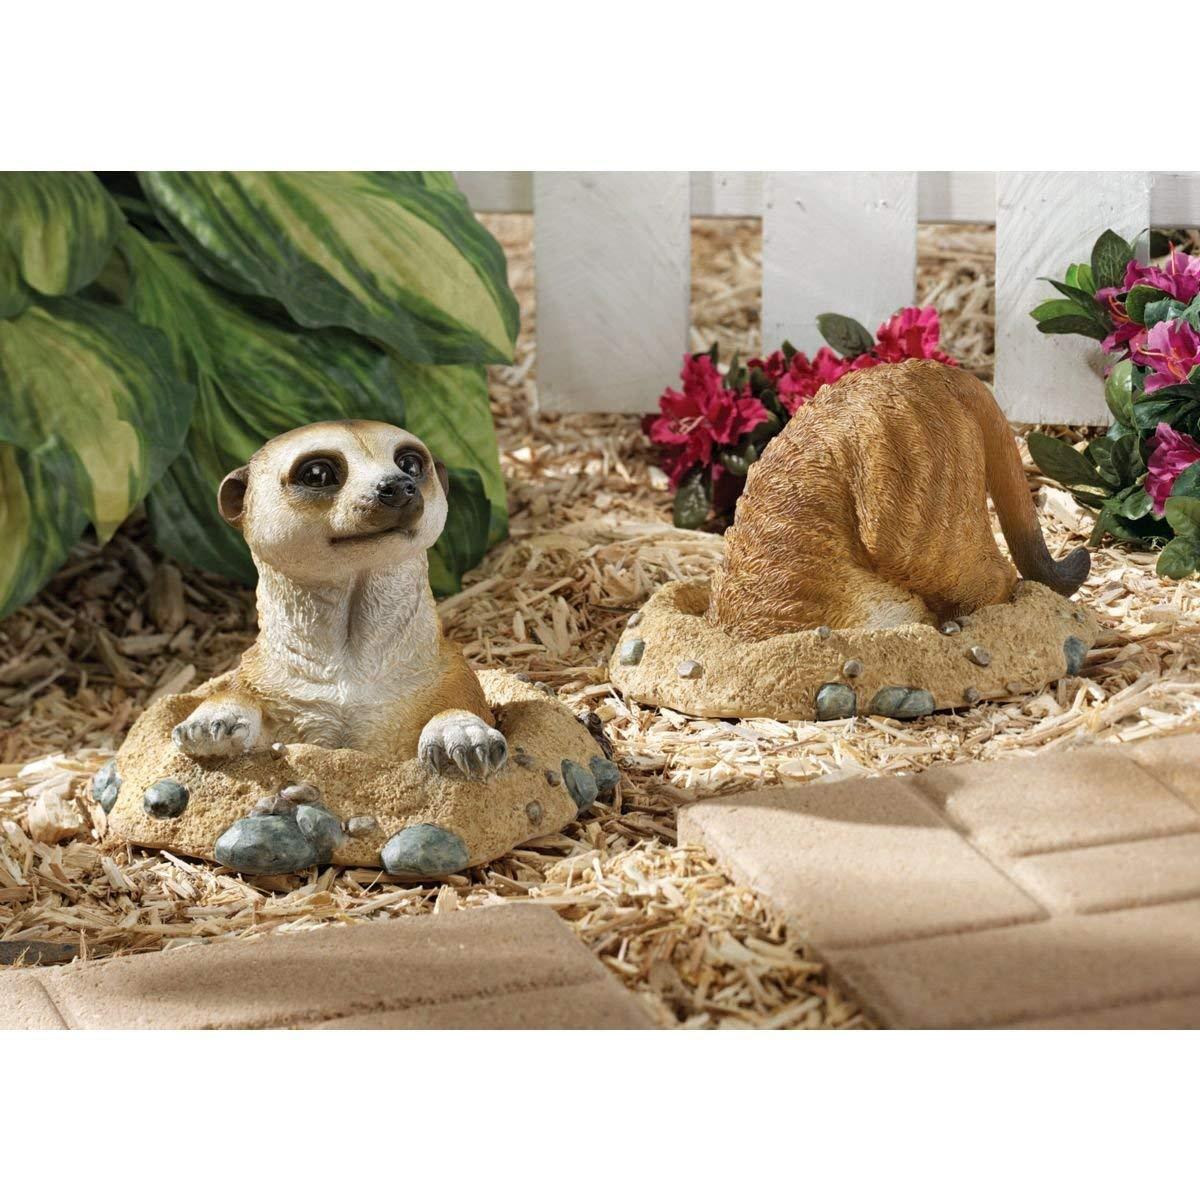 カラハリ砂漠のミーアキャット 彫像:穴に入る所、穴から顔の出す所 2個彫刻/ Kalahari Meerkat Statues(輸入品)